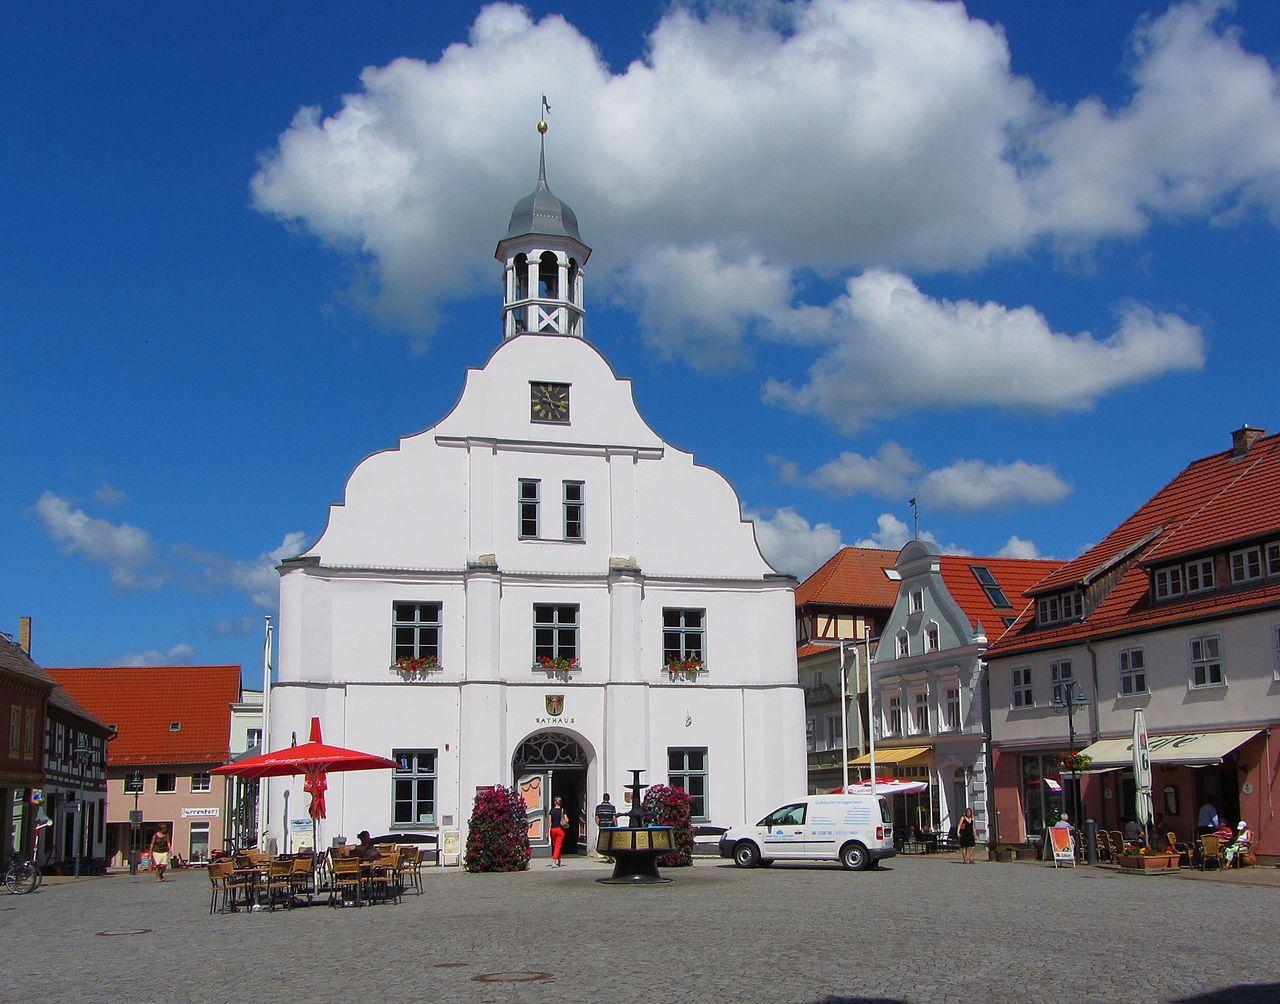 Bild Historisches Rathaus Wolgast